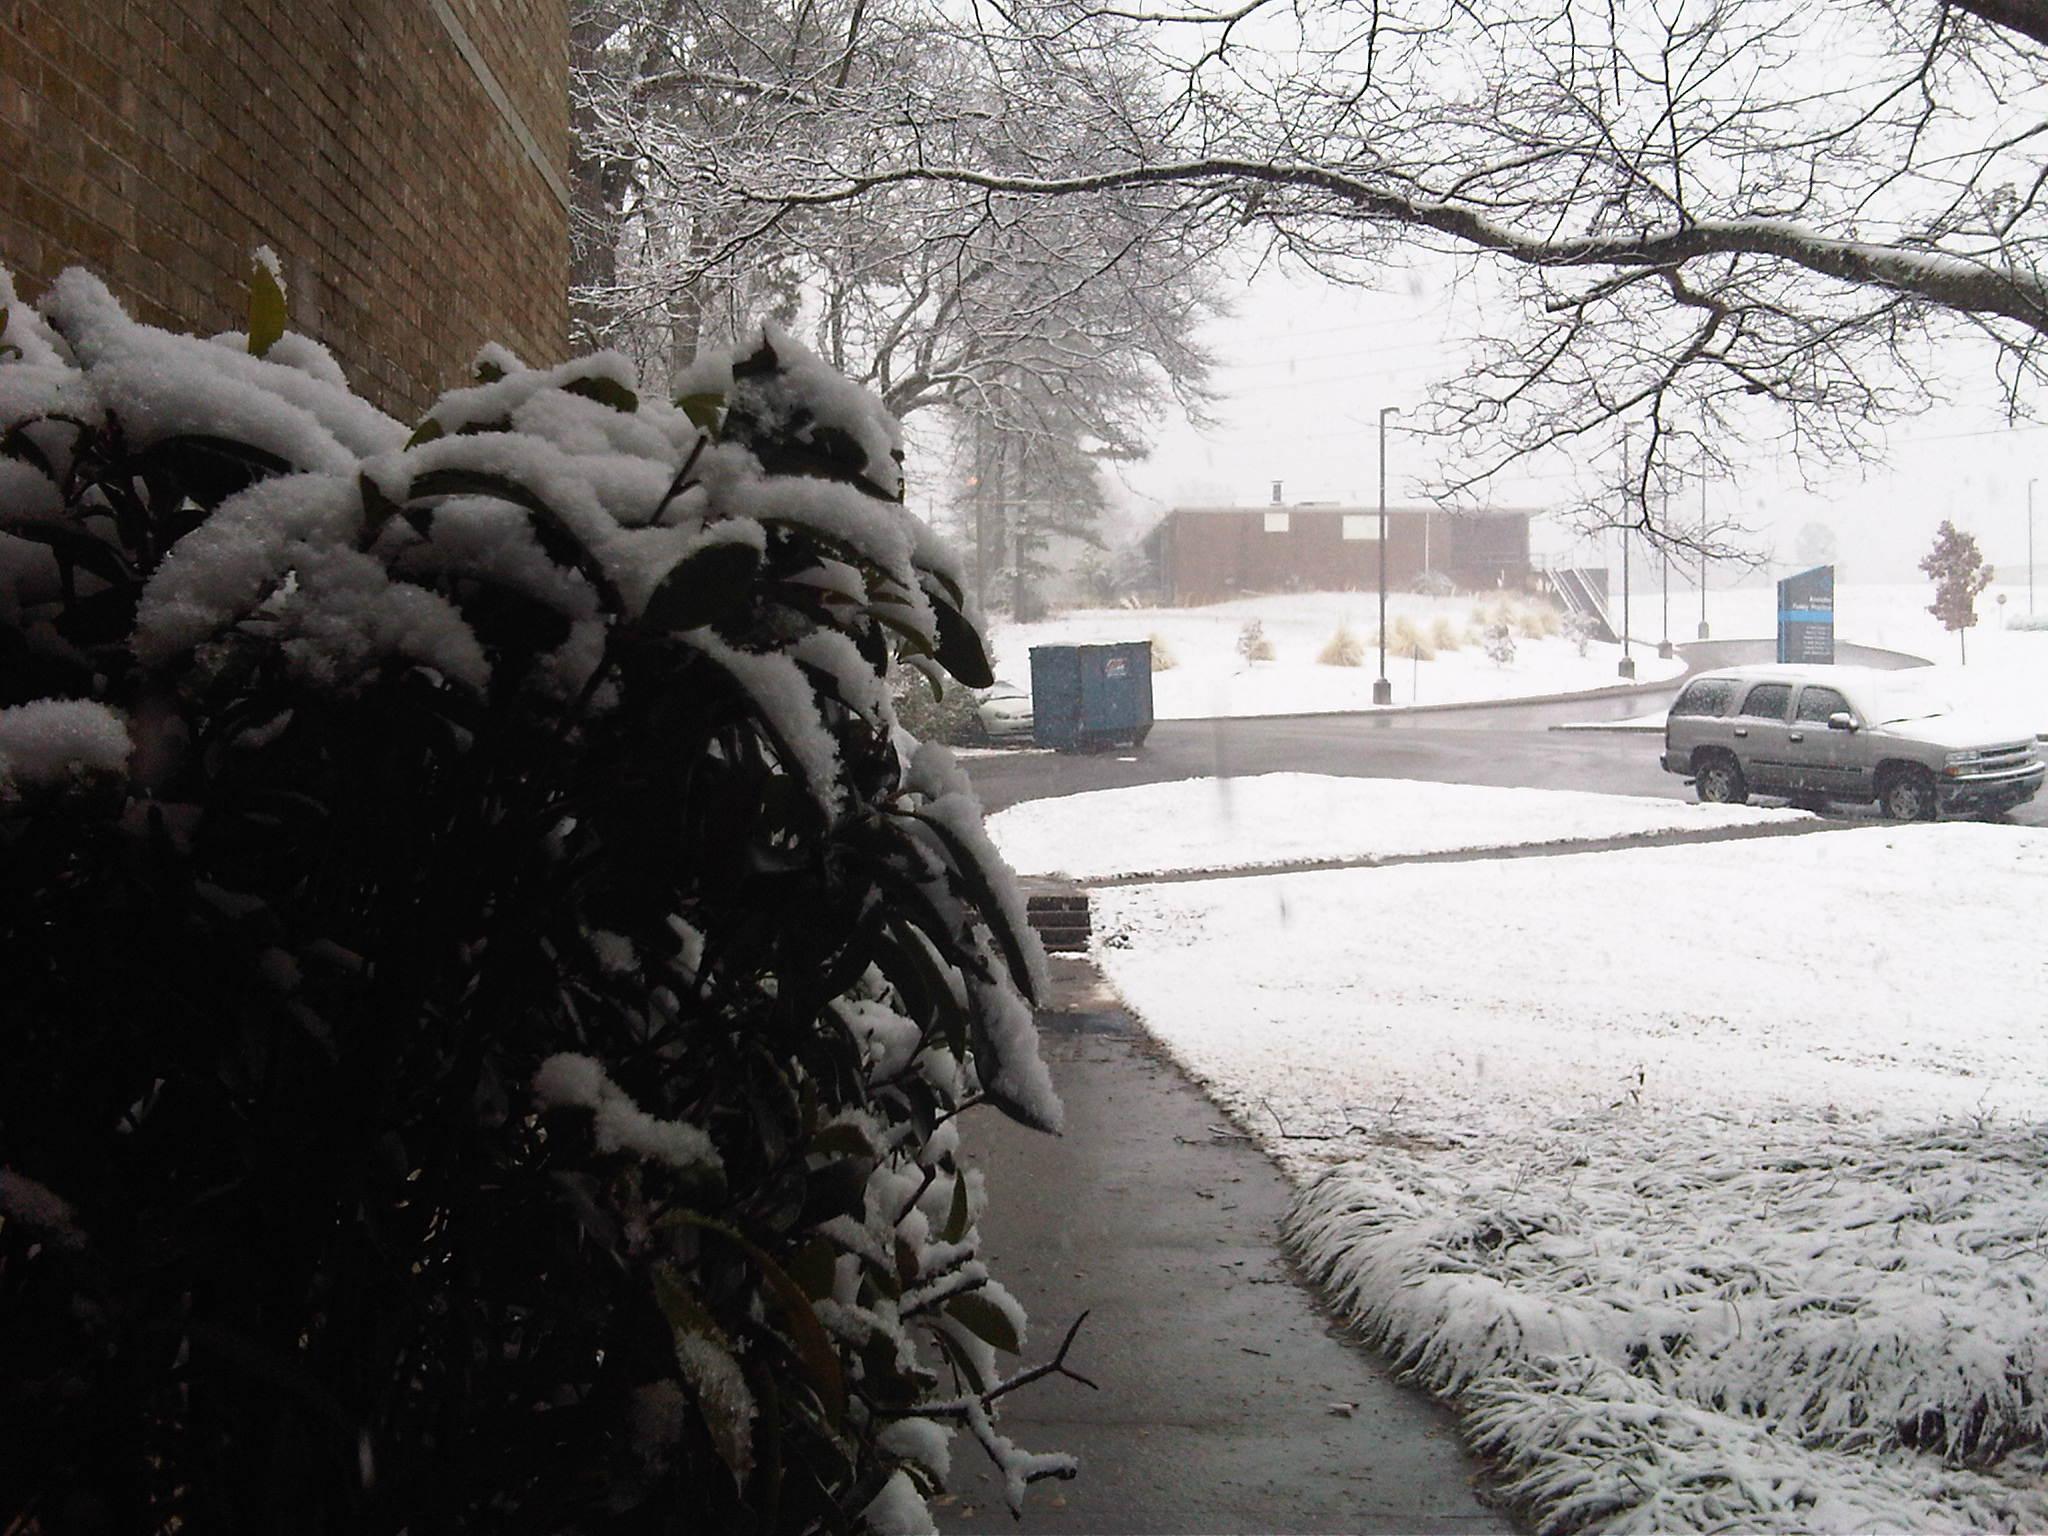 Snow in Anniston, AL on Feb. 12 2010